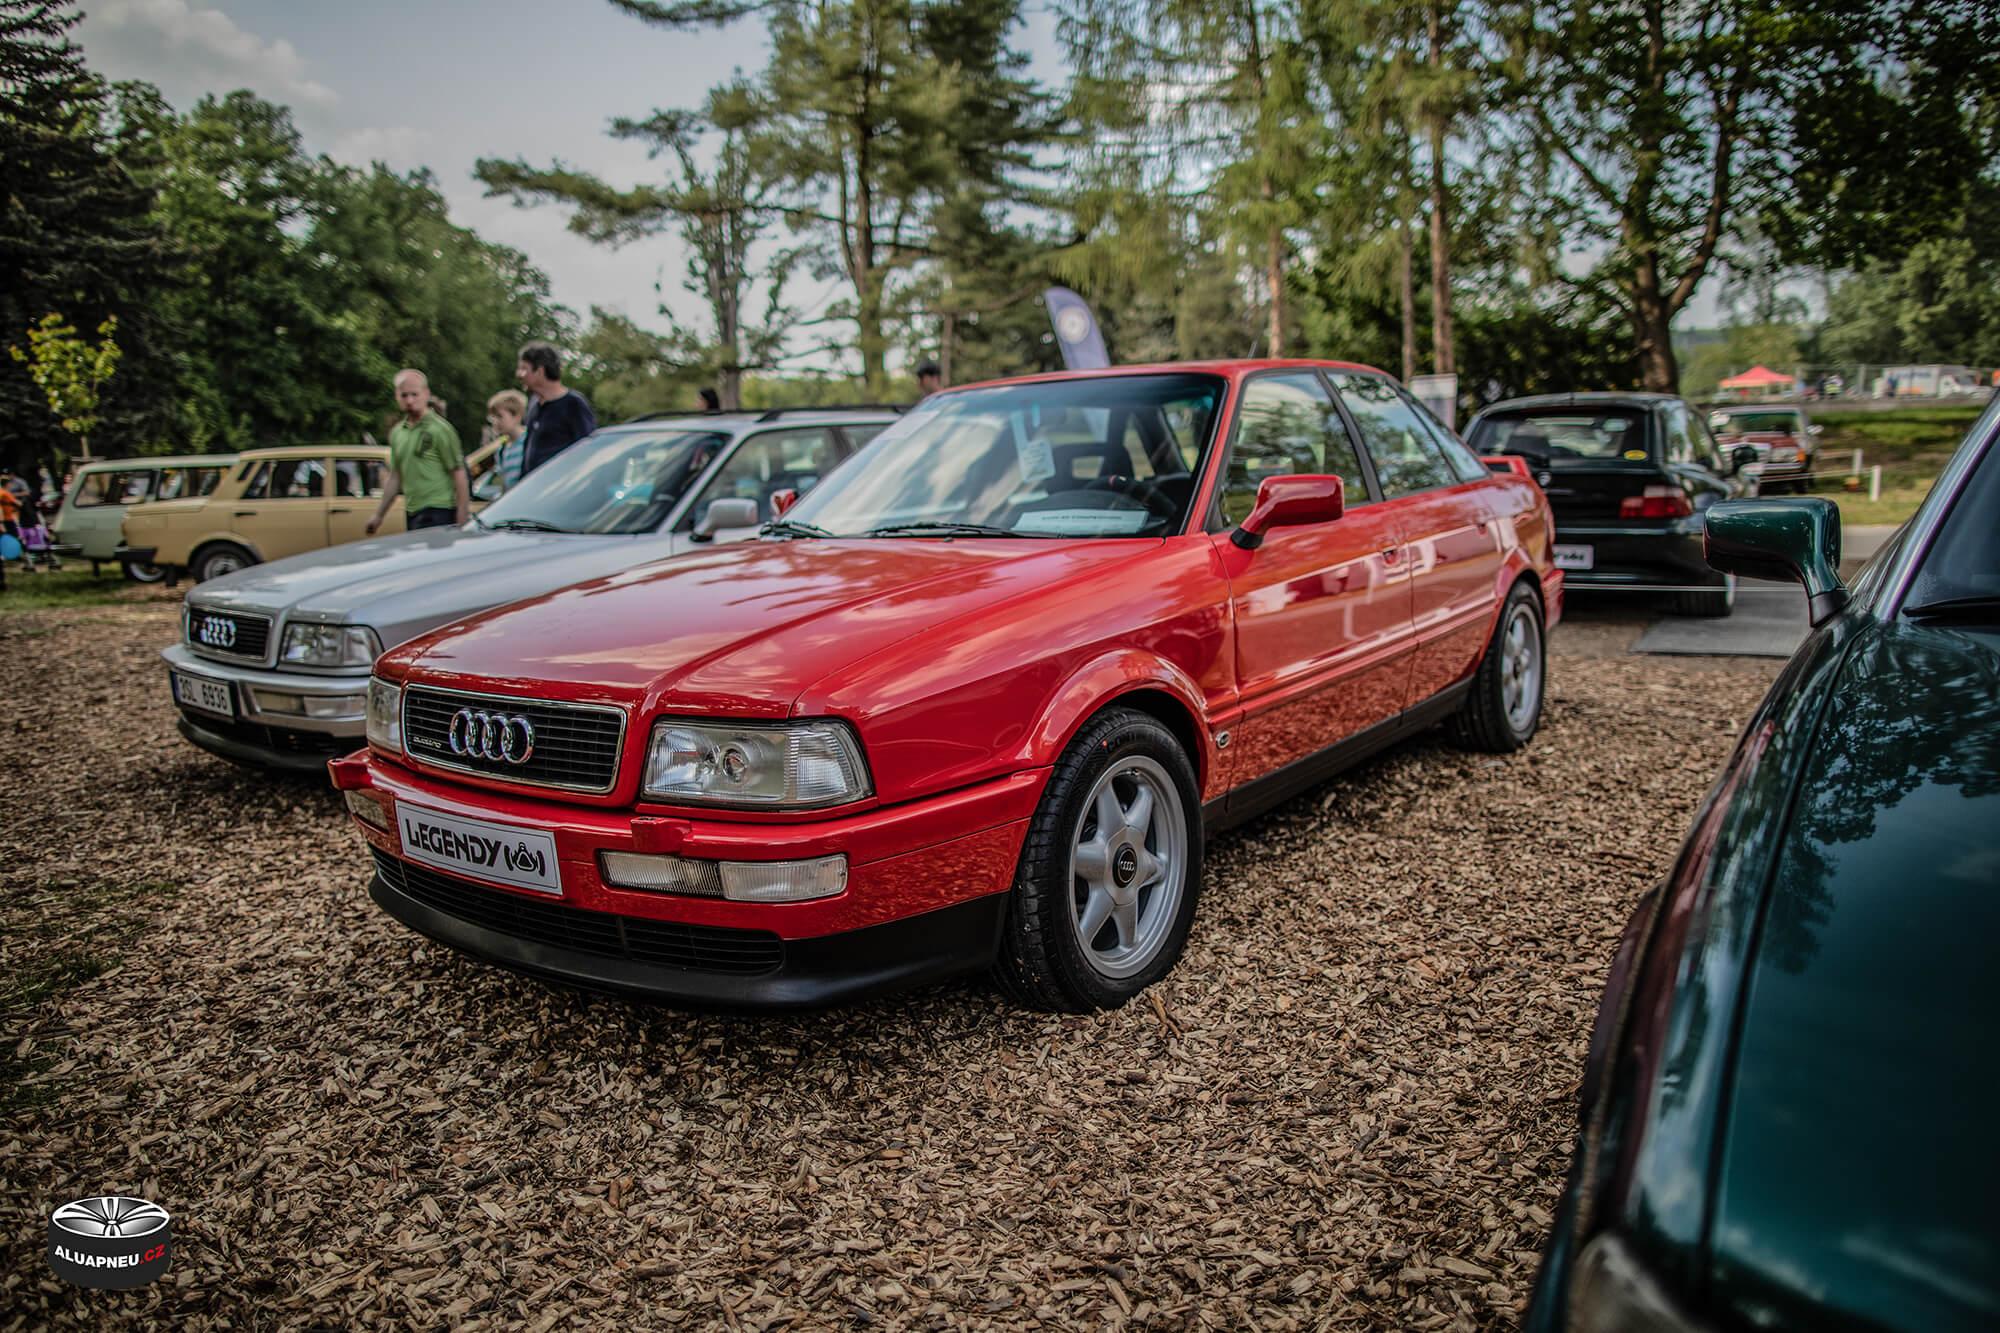 Audi 80 Coupe - stříbrné elektrony - Youngtimer - www.aluapneu.cz